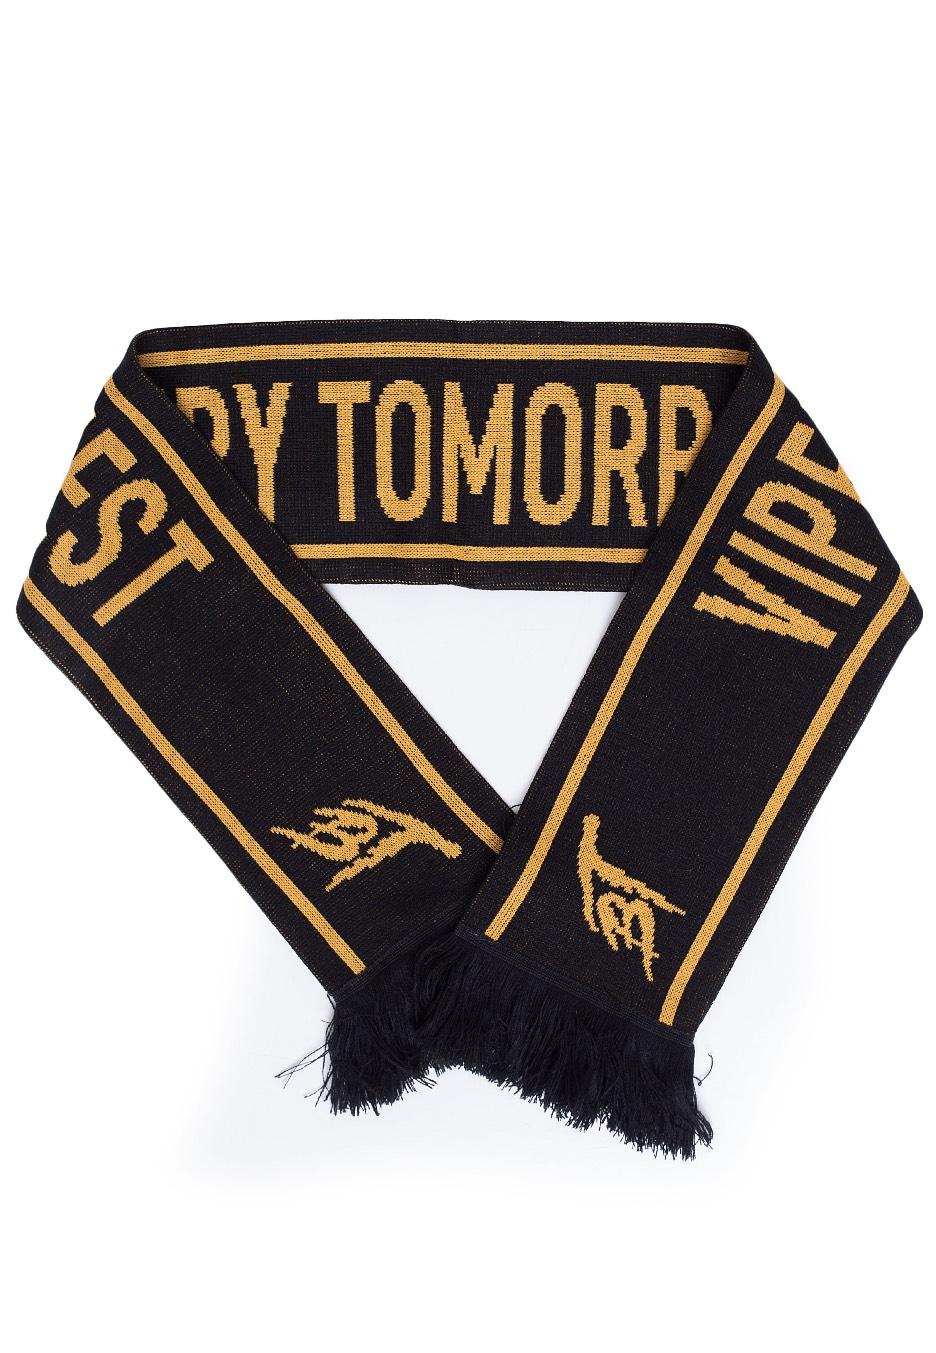 Bury Tomorrow - Viper - Schals